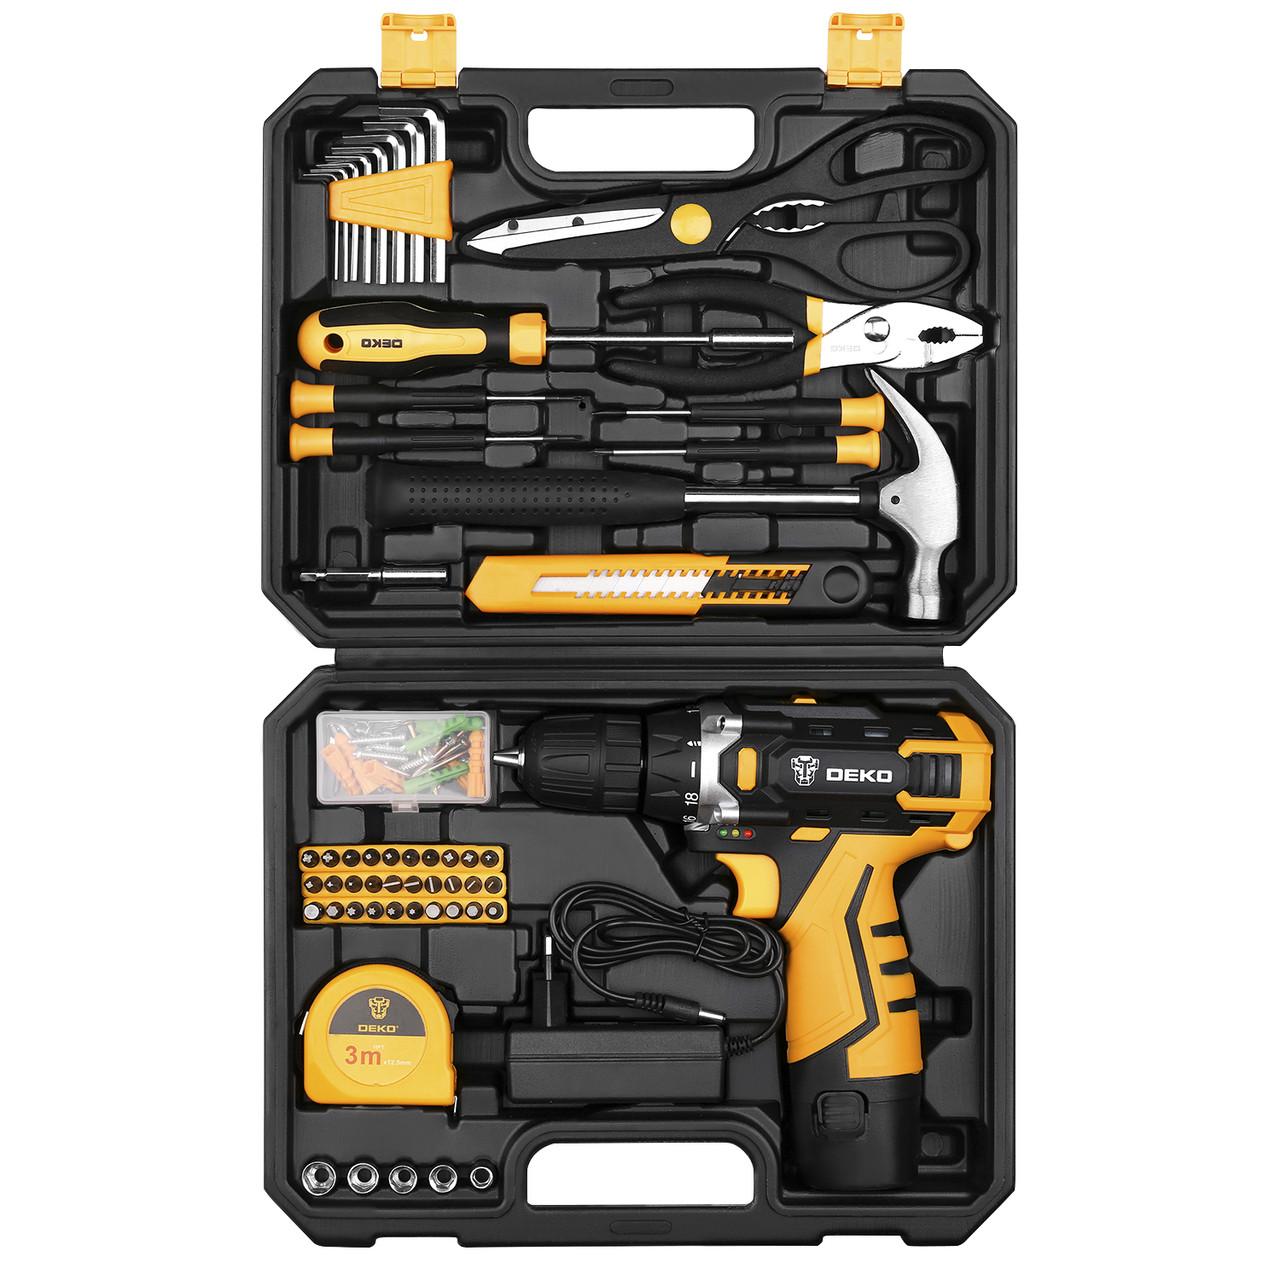 Аккумуляторный шуруповерт DEKO + набор 104 инструментов в кейсе